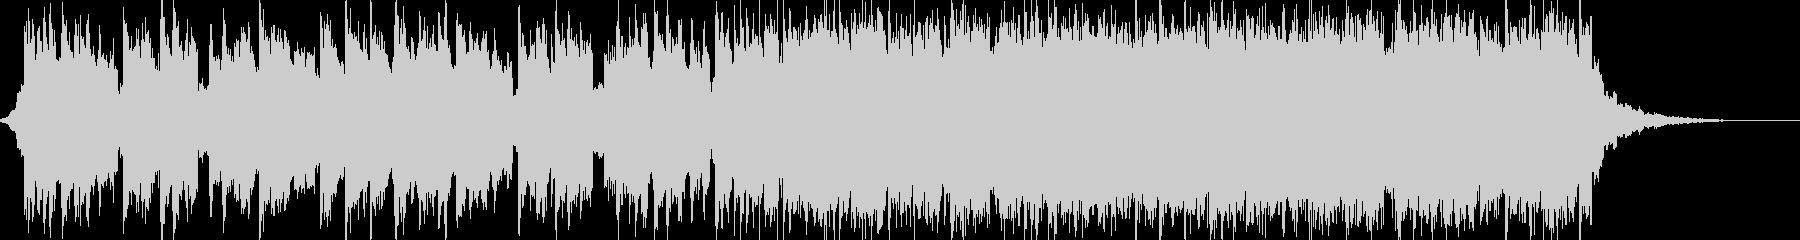 前向きでEDM系のポップ ショートの未再生の波形